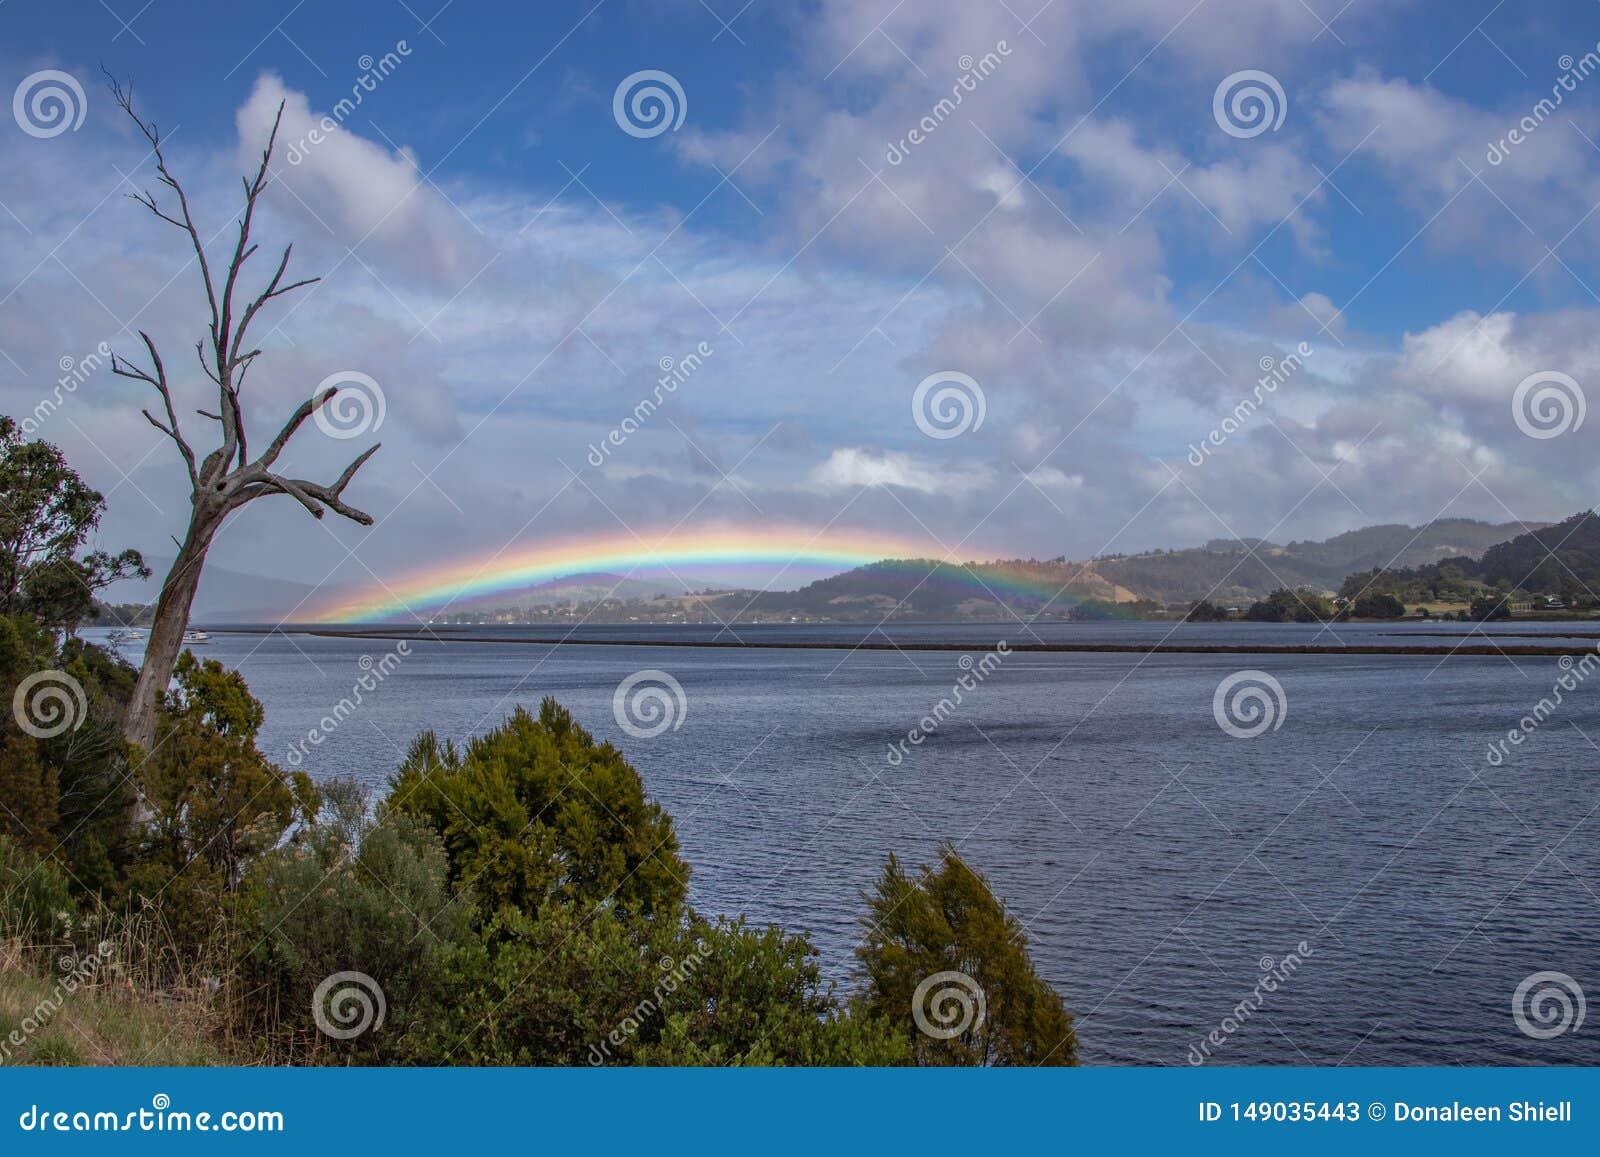 Regnbåge över land på kängurufjärden, Tasmanien